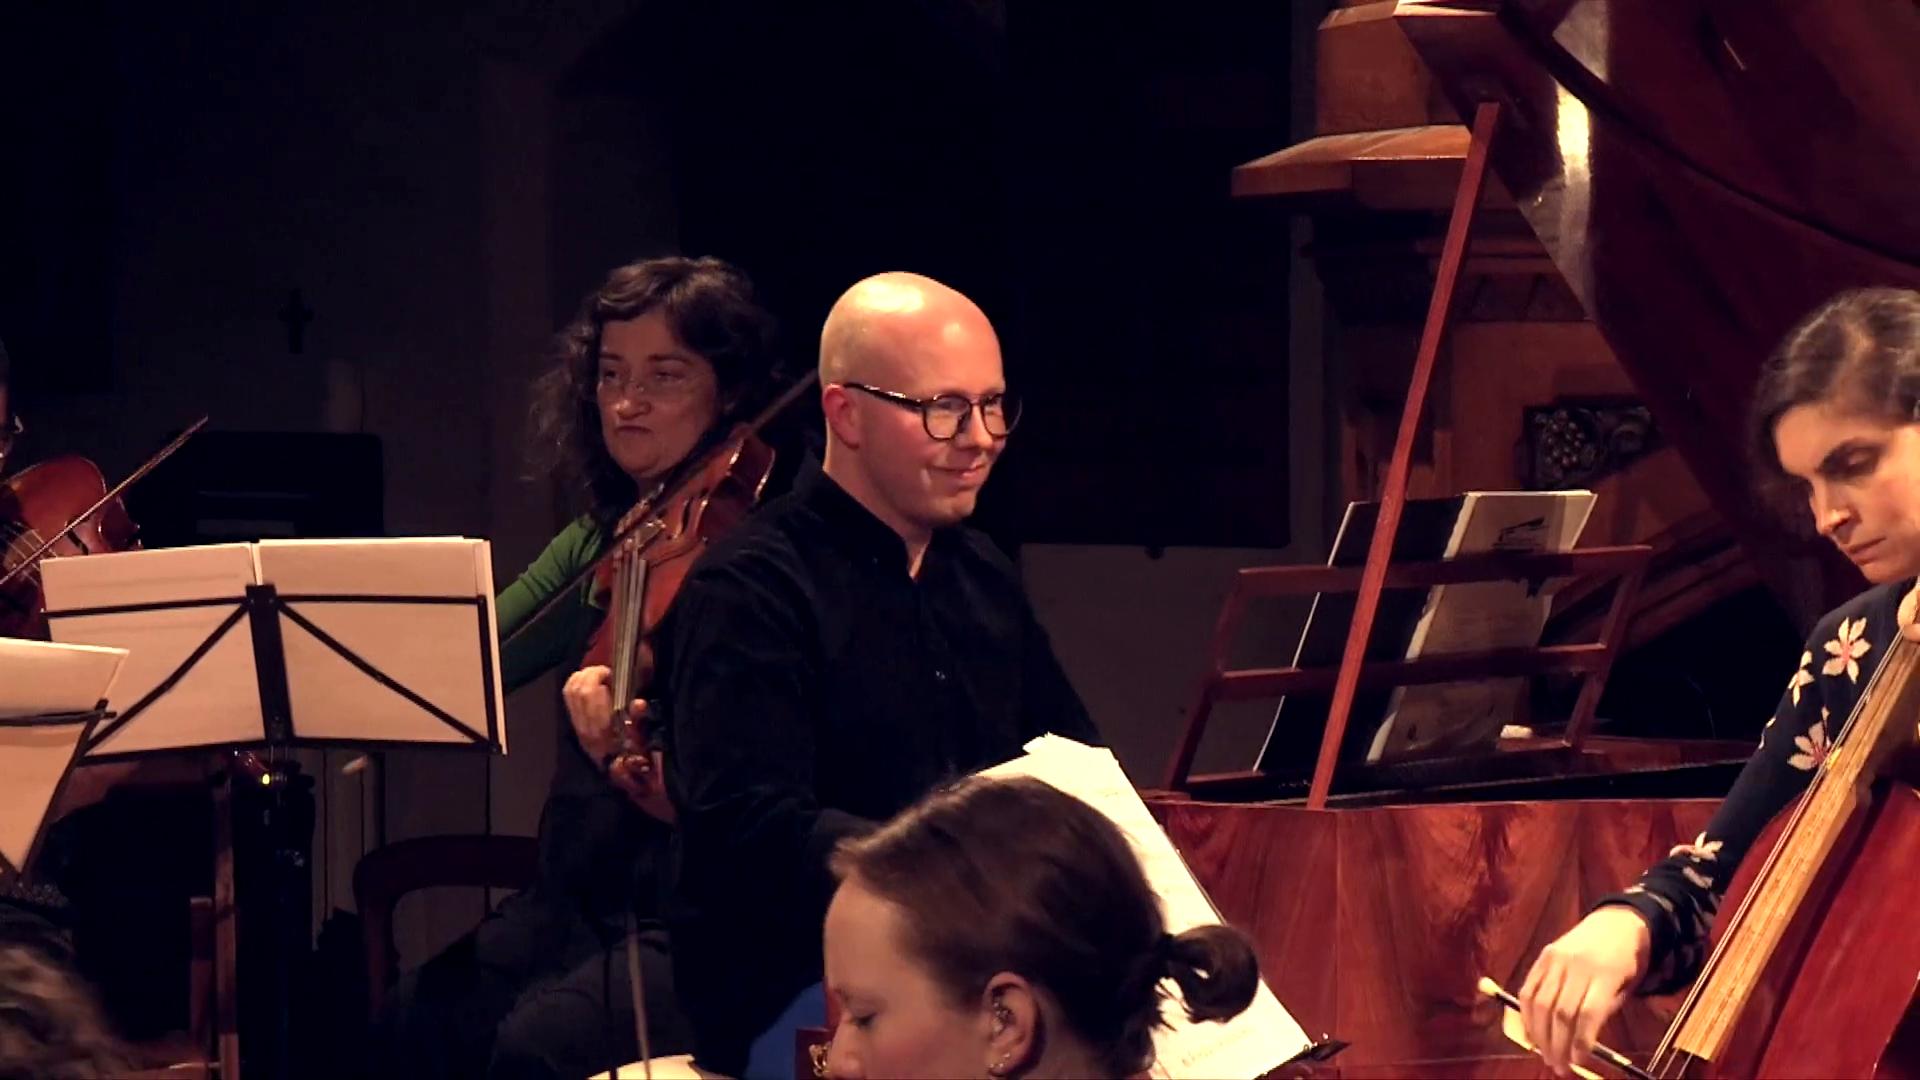 Pawel Siwczak plays Mozart concerto on the fortepiano